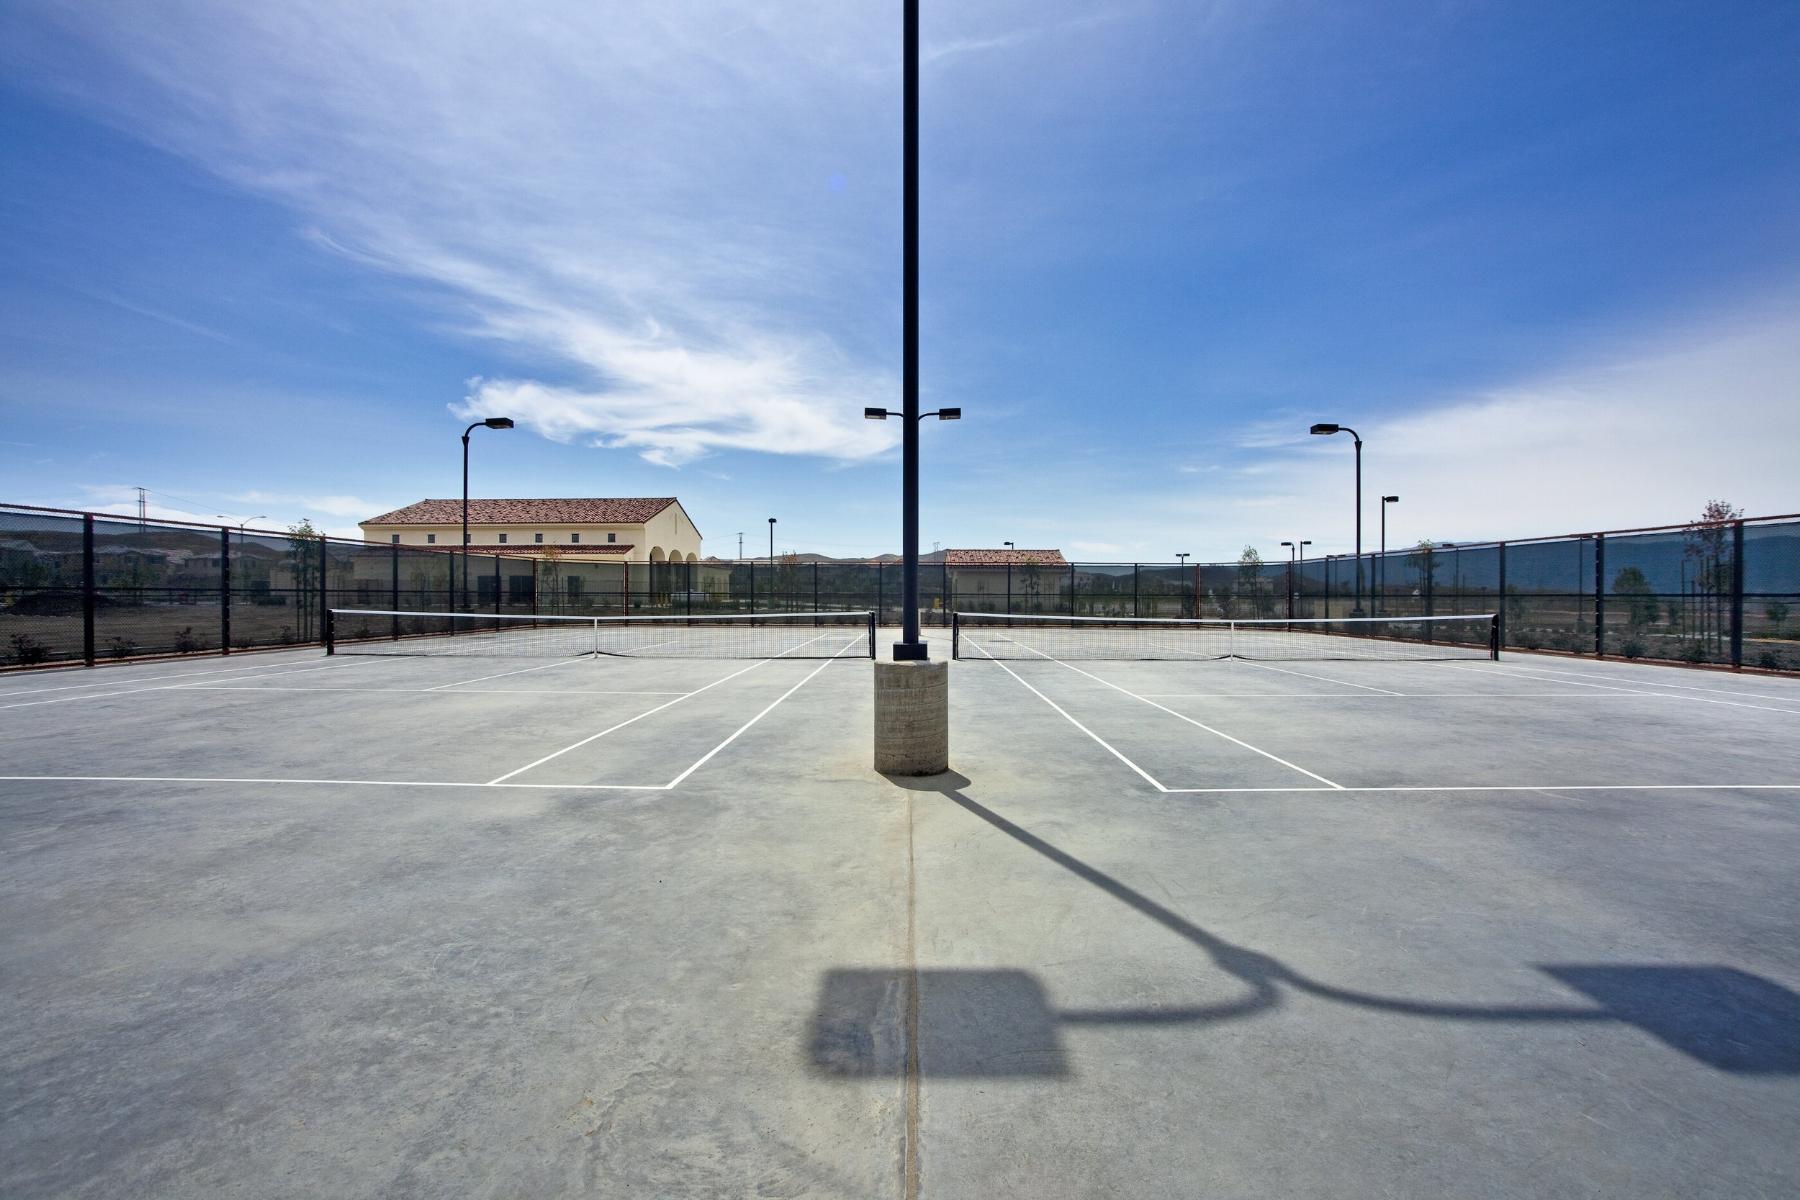 Community_Park_Tennis_Court